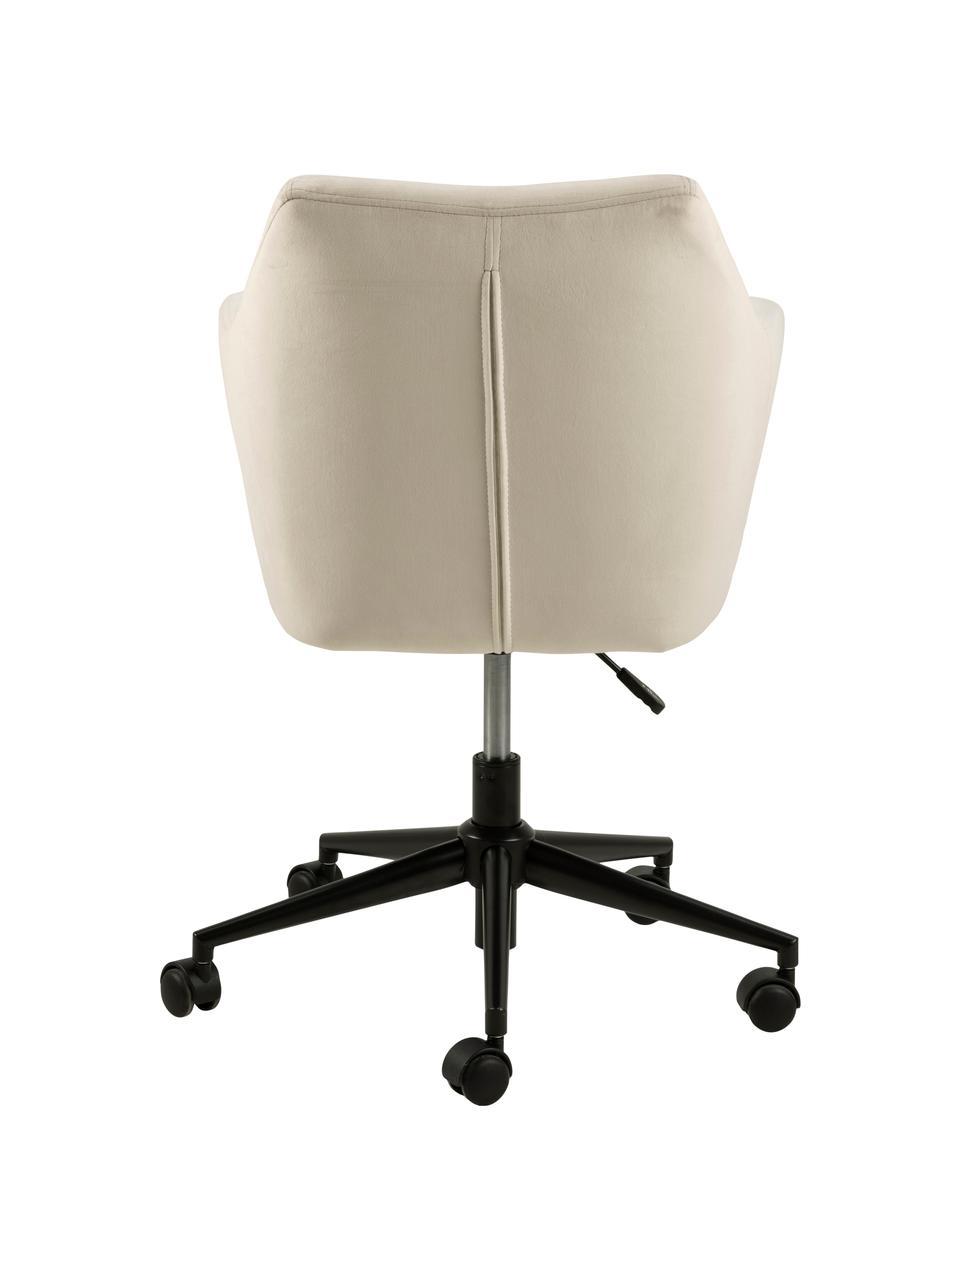 Krzesło biurowe z aksamitu Nora, obrotowe, Tapicerka: poliester (aksamit) 2500, Stelaż: metal malowany proszkowo, Aksamitny beżowy, S 58 x G 58 cm